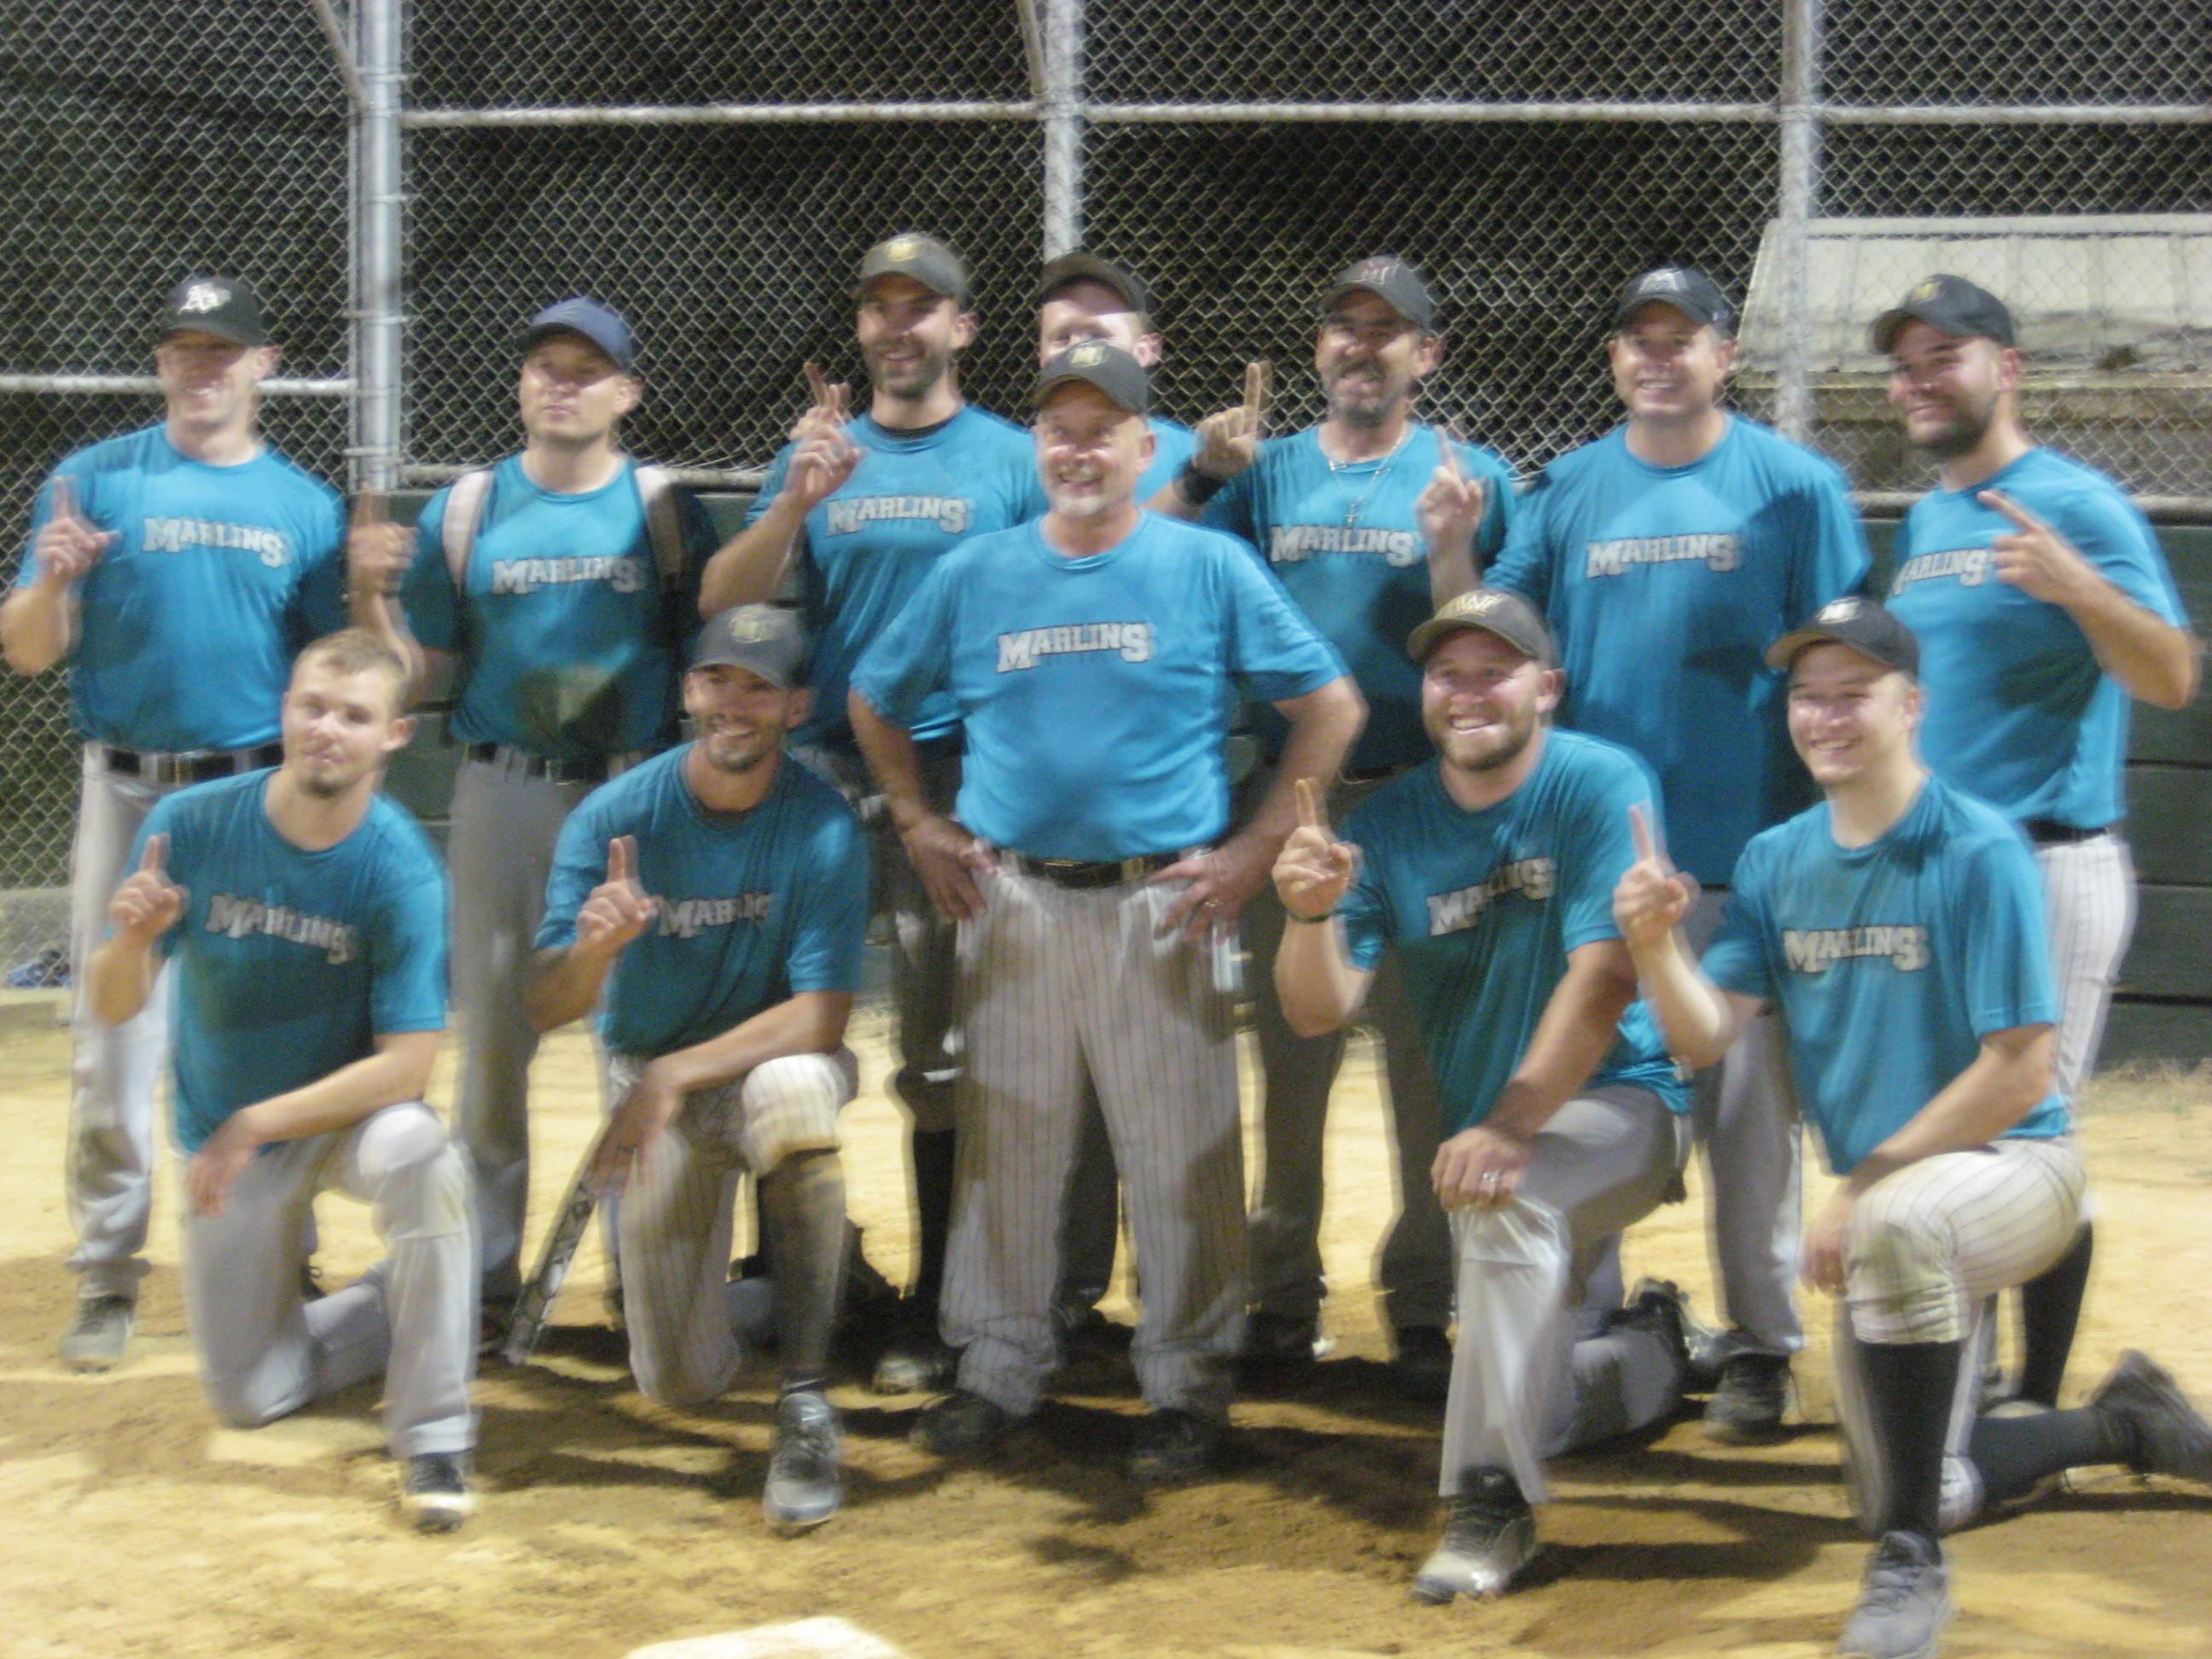 USA Softball of Pennsylvania